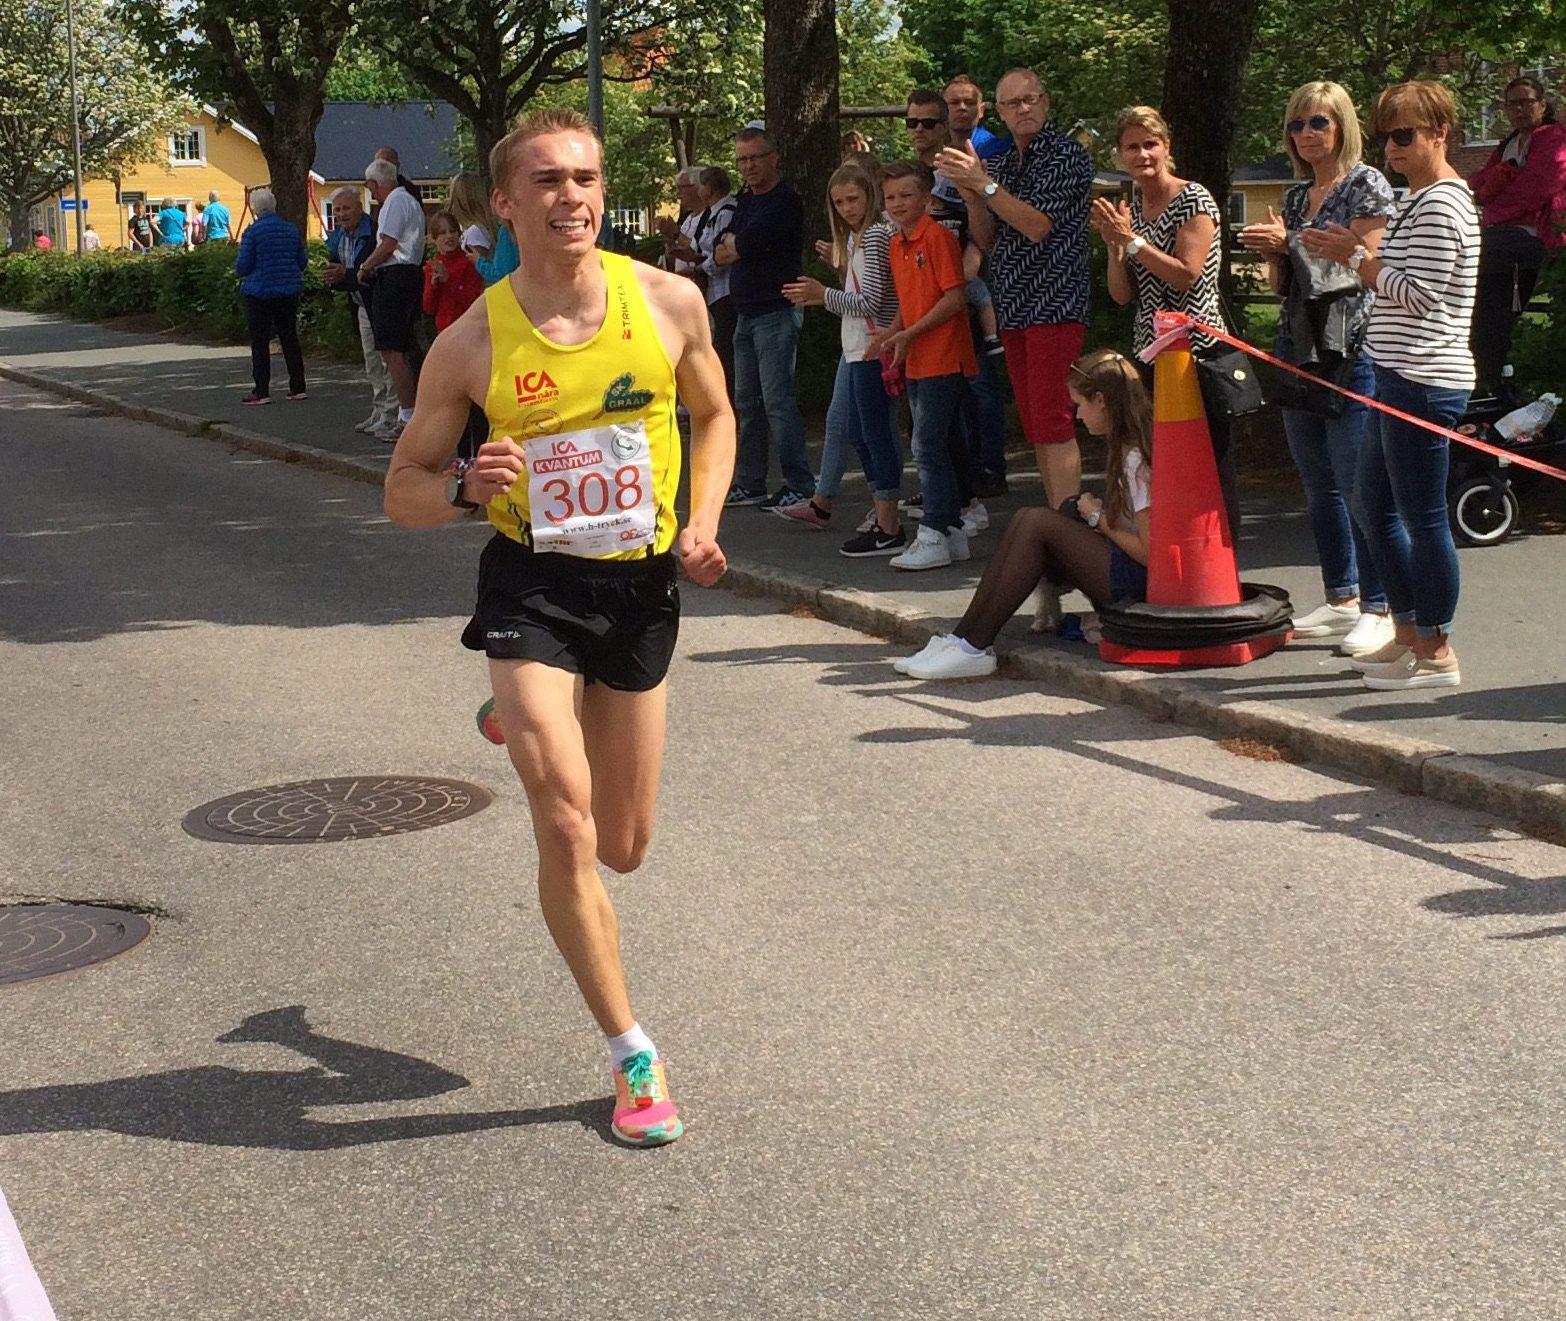 Anton som klar etta på 5km banan!